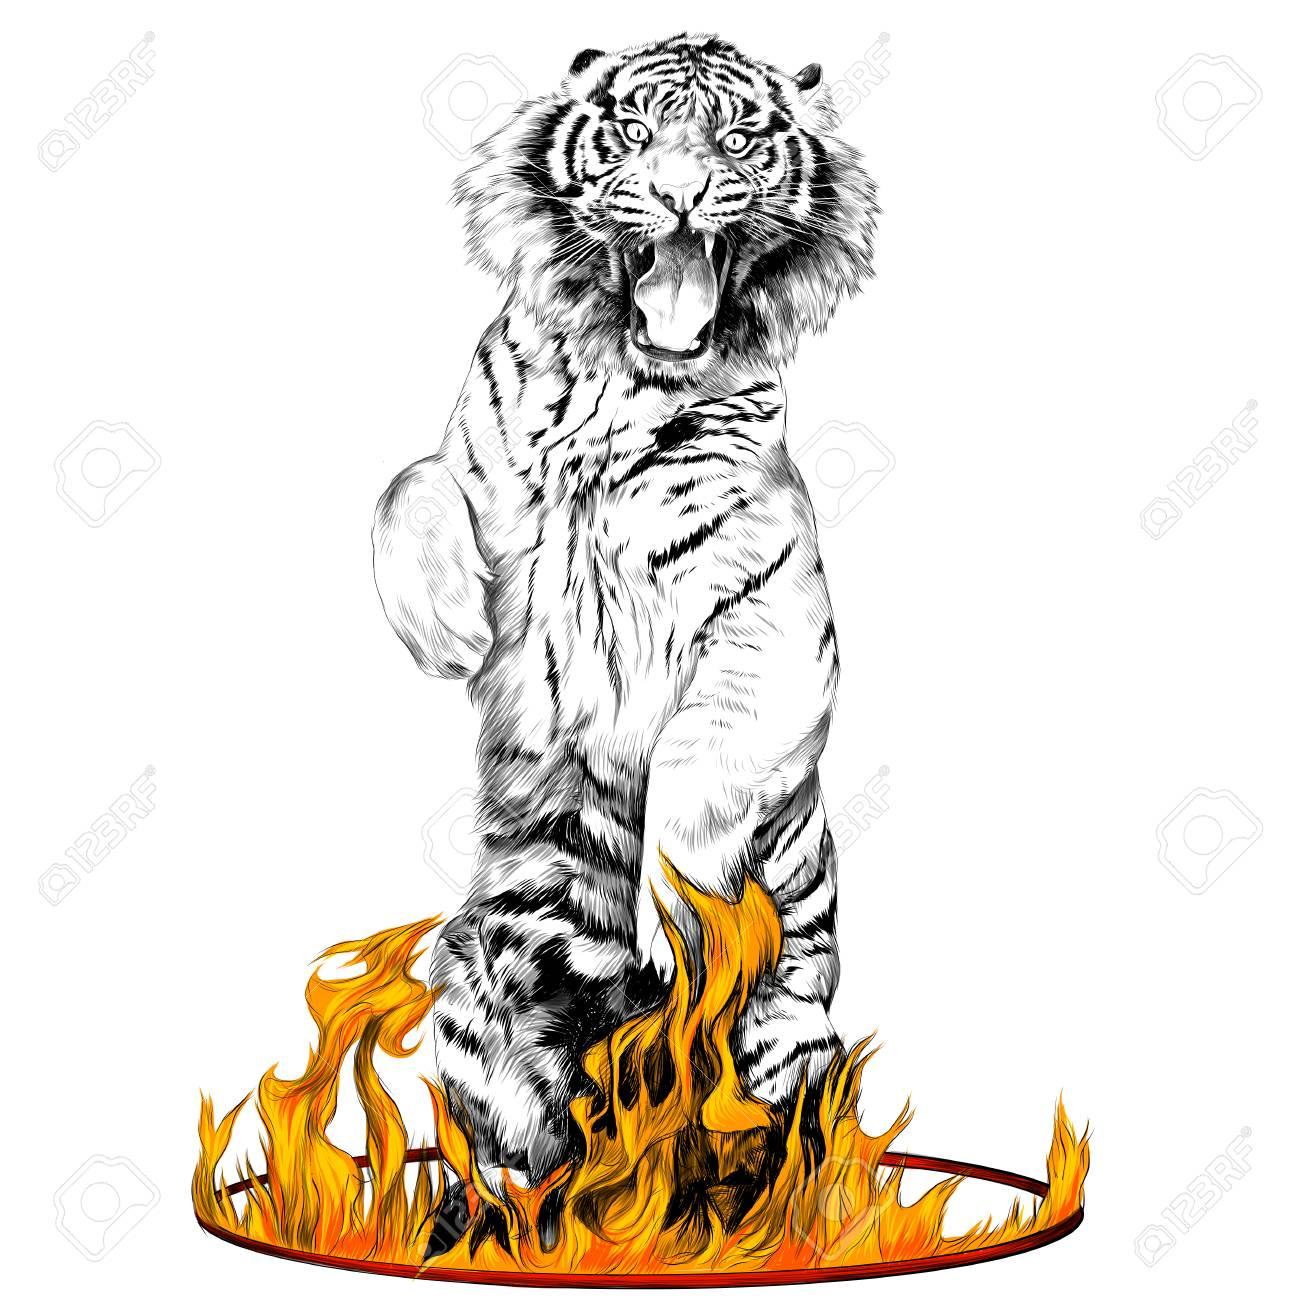 Tiger Pleine Est Sur Ses Pattes Longues Dans Un Anneau De Dessin Vectoriel De Dessin Animé De Film Dessin Animé Et Noir Et Blanc Flamme